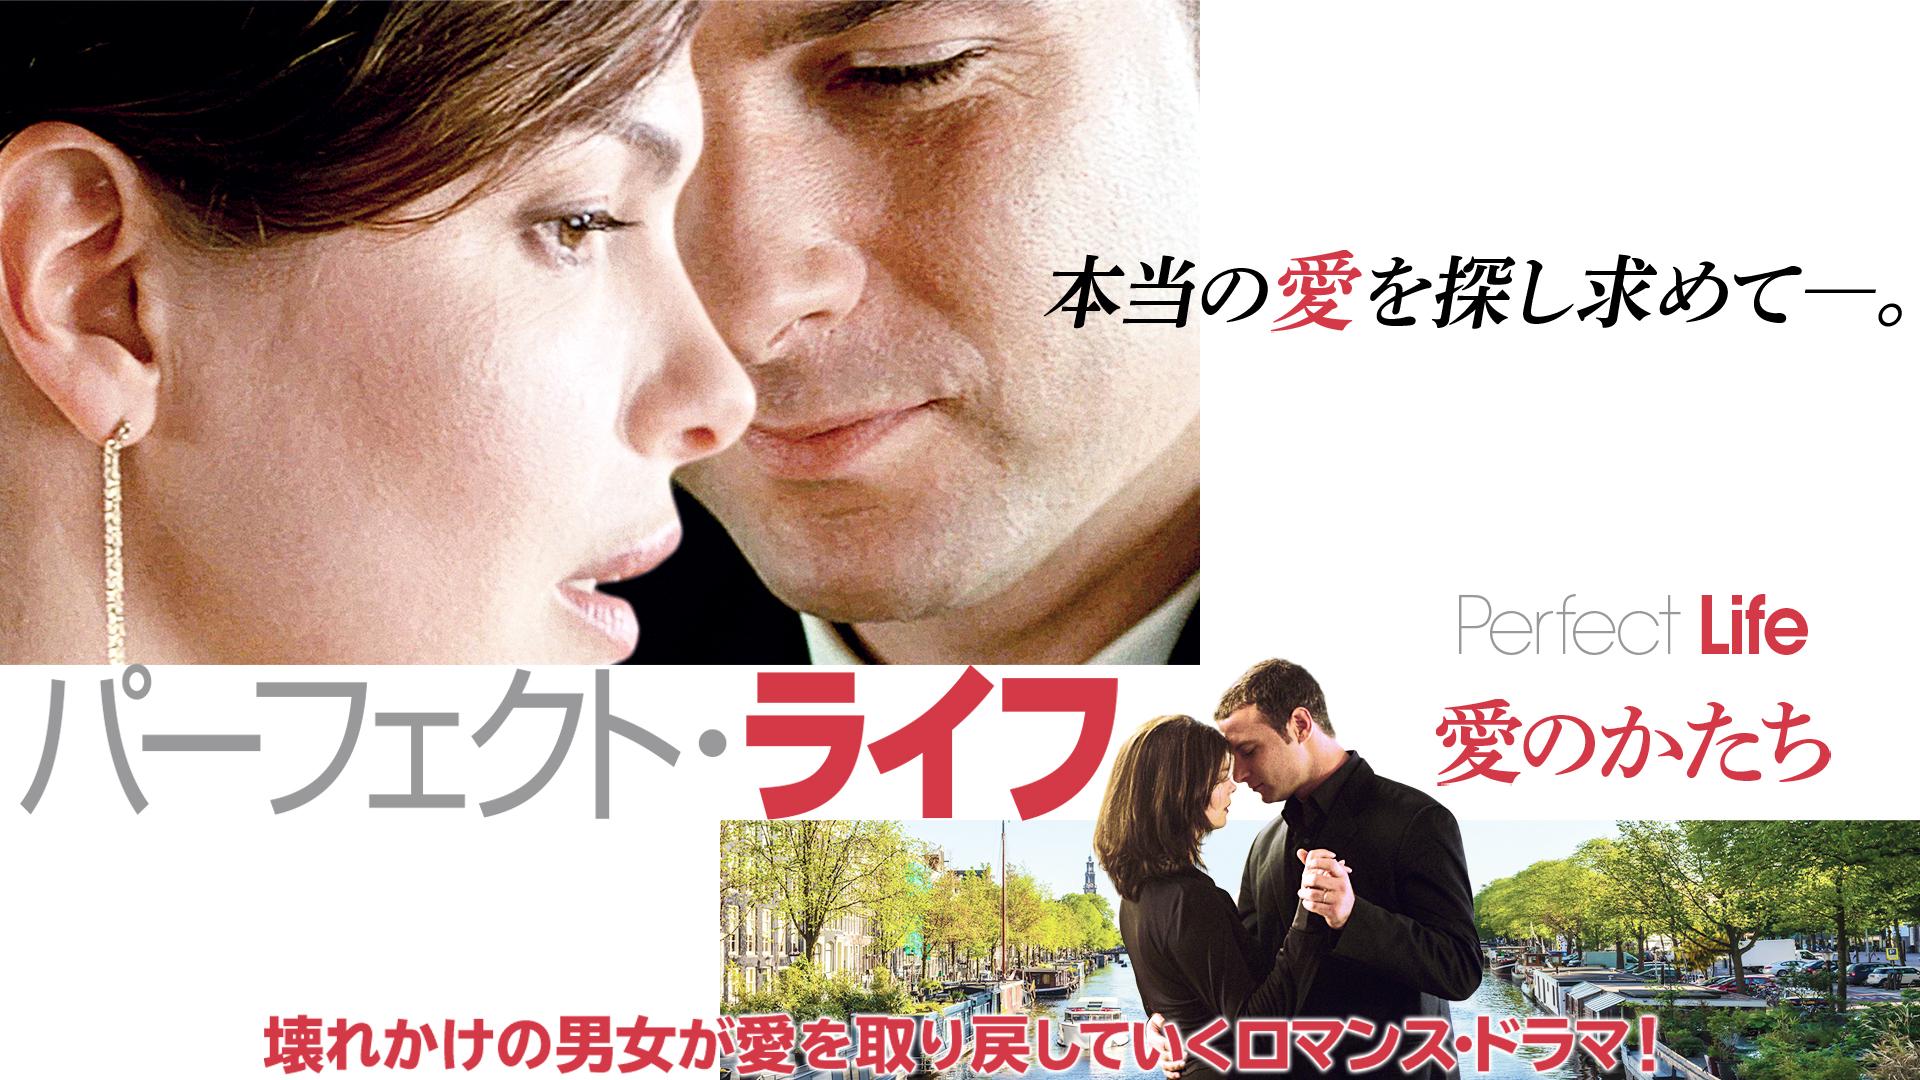 パーフェクト・ライフ 愛のかたち(字幕版)